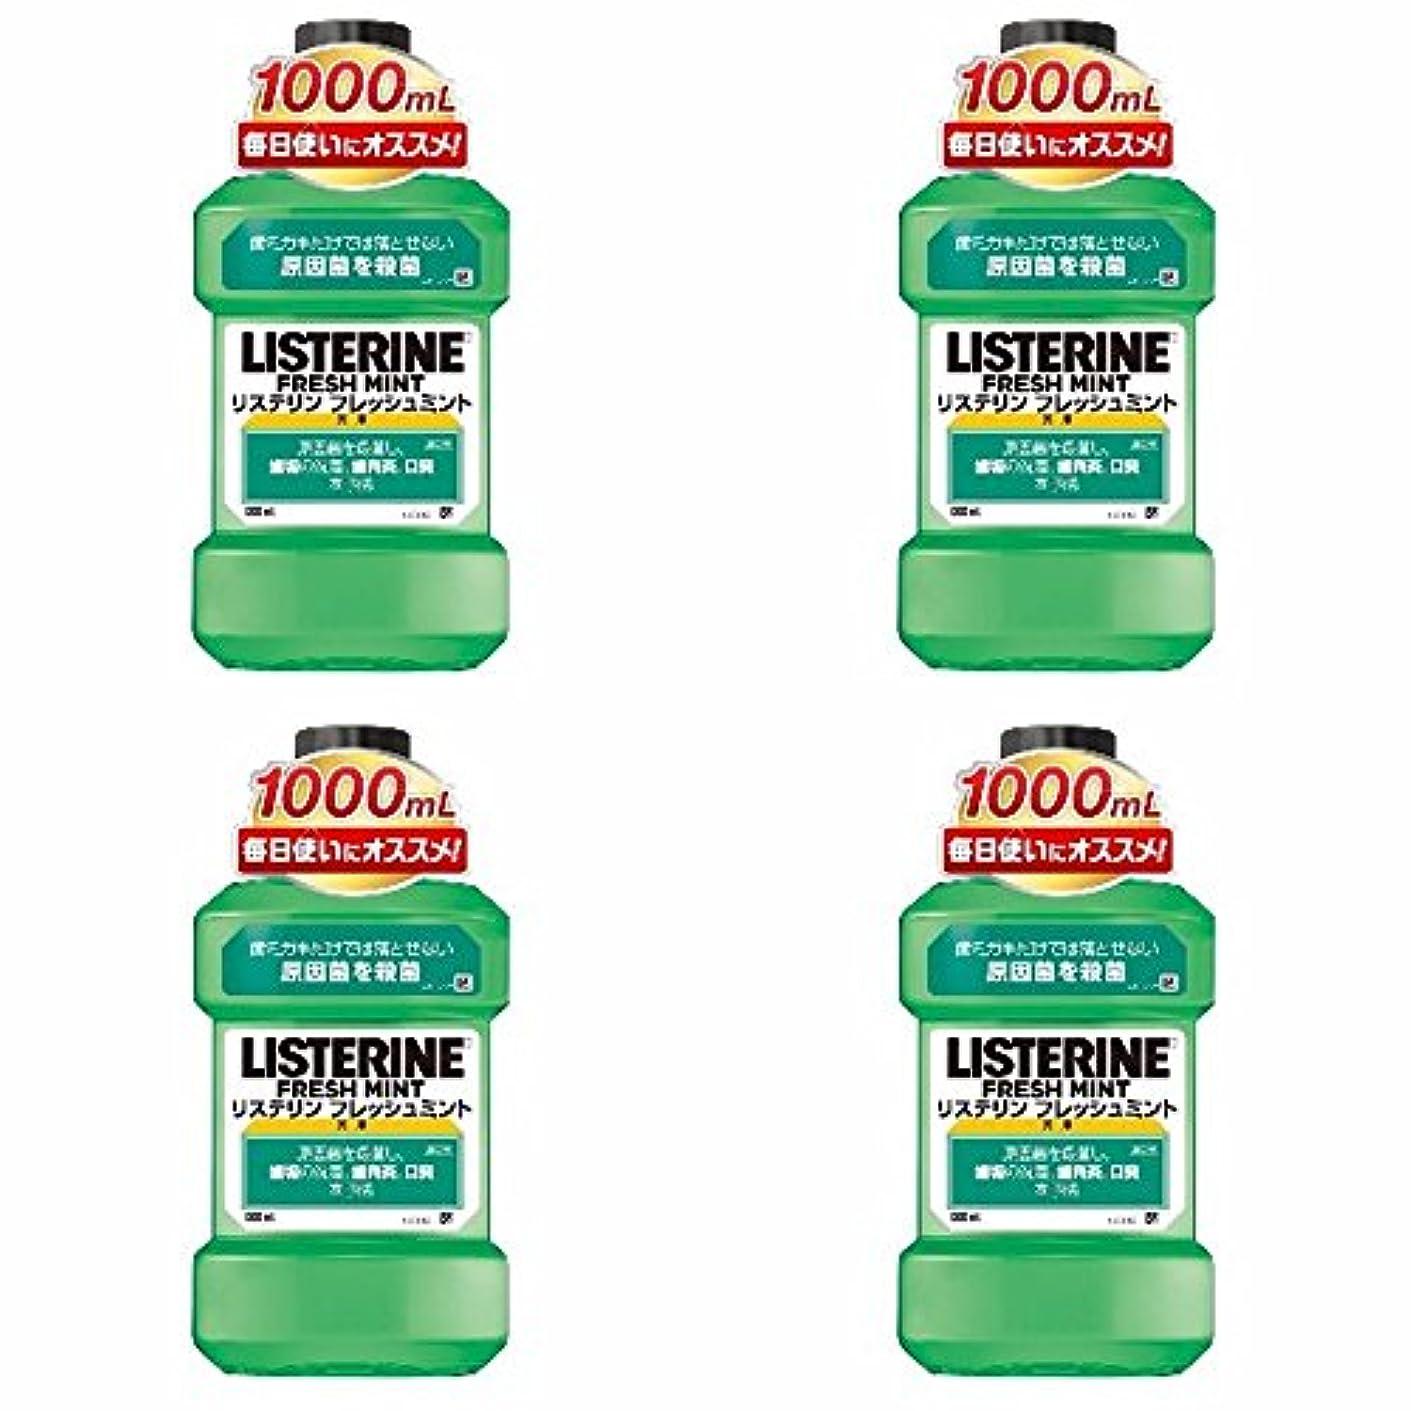 どっちでも維持まばたき【まとめ買い】薬用 LISTERINE リステリン フレッシュミント 1000ml×4個